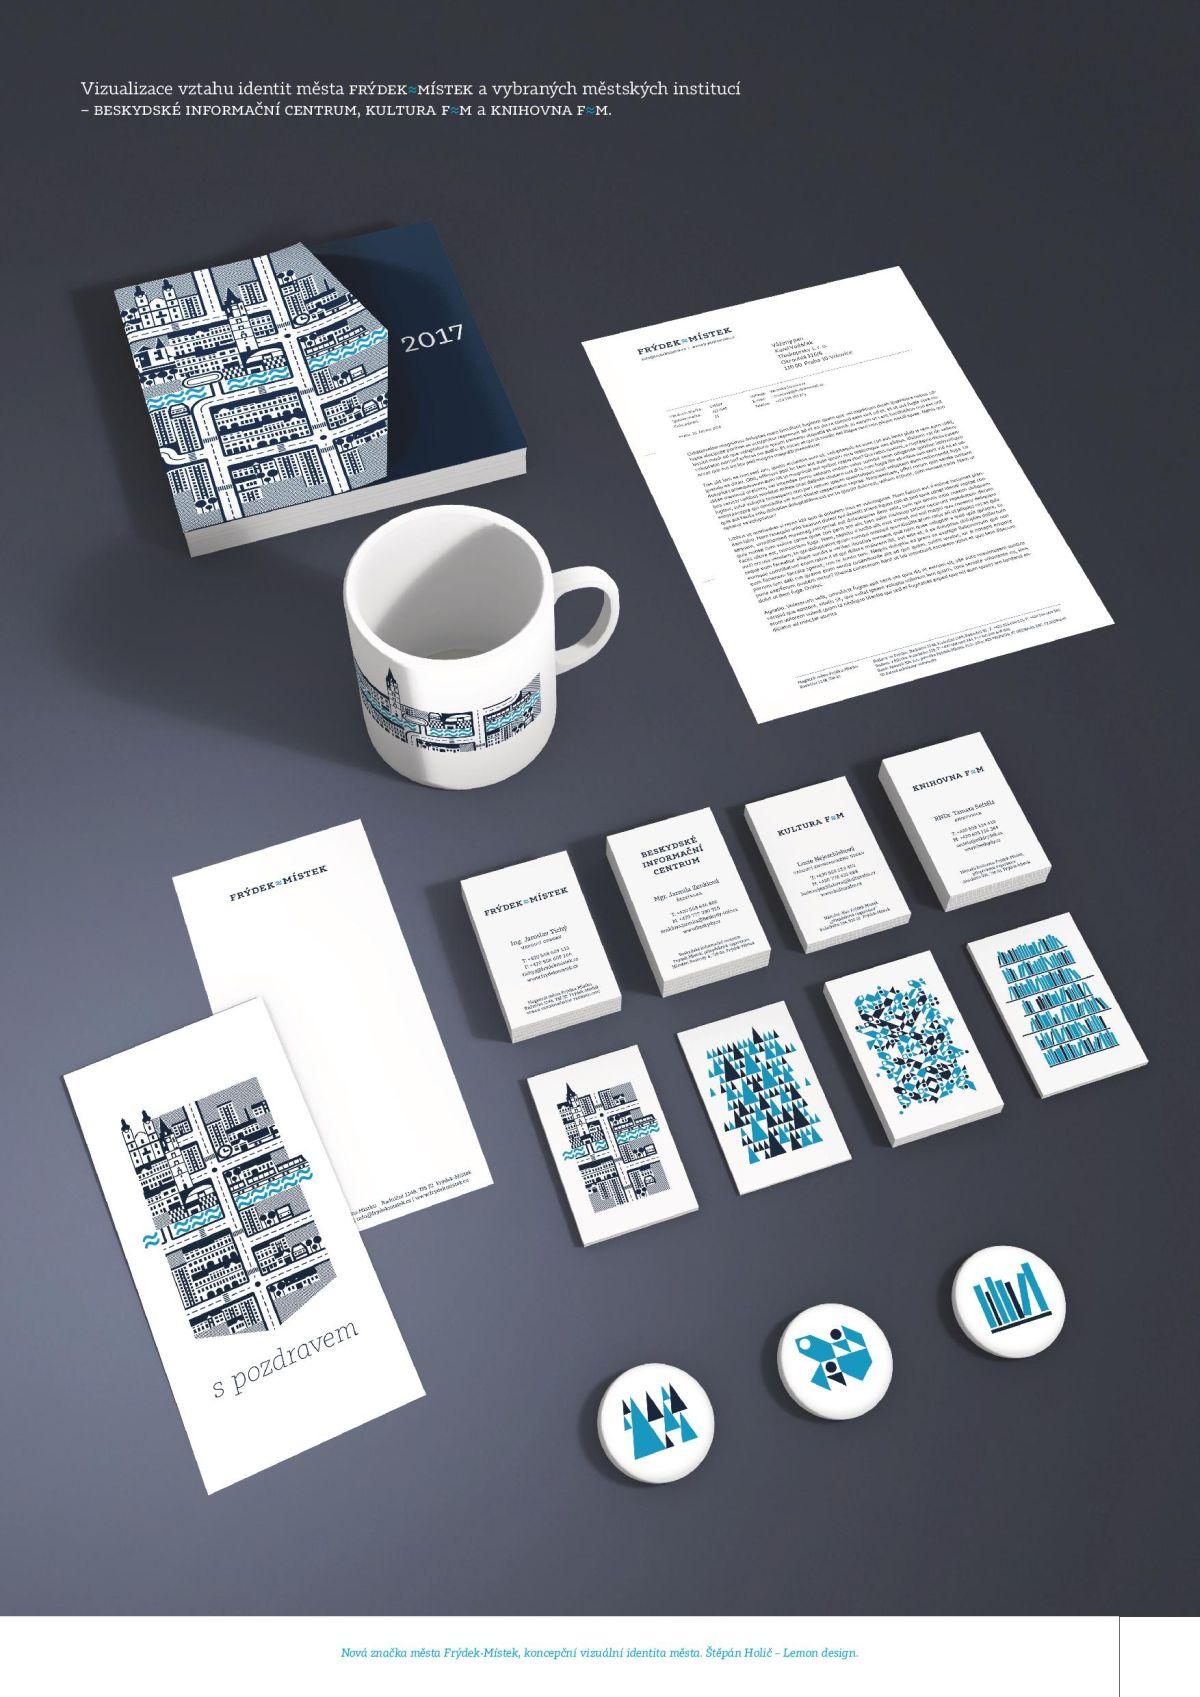 Vítězný návrh nové vizuální identity Frýdku-Místku